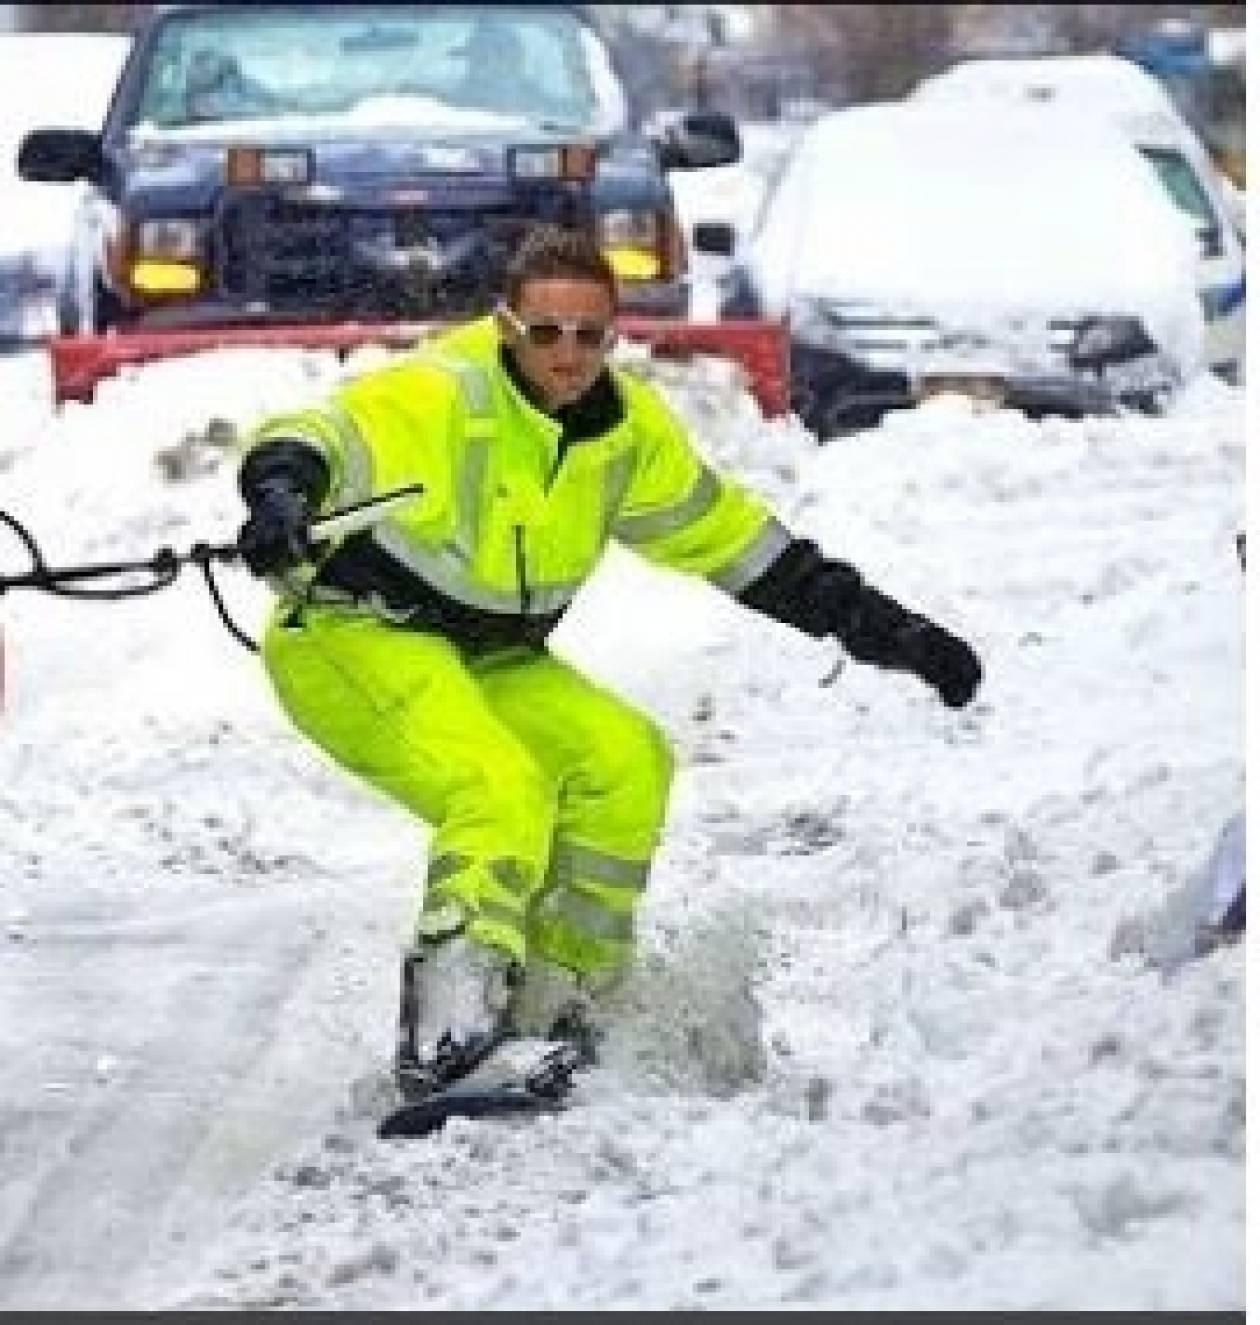 Κάνει snowboard στο κέντρο της Νέας Υόρκης!